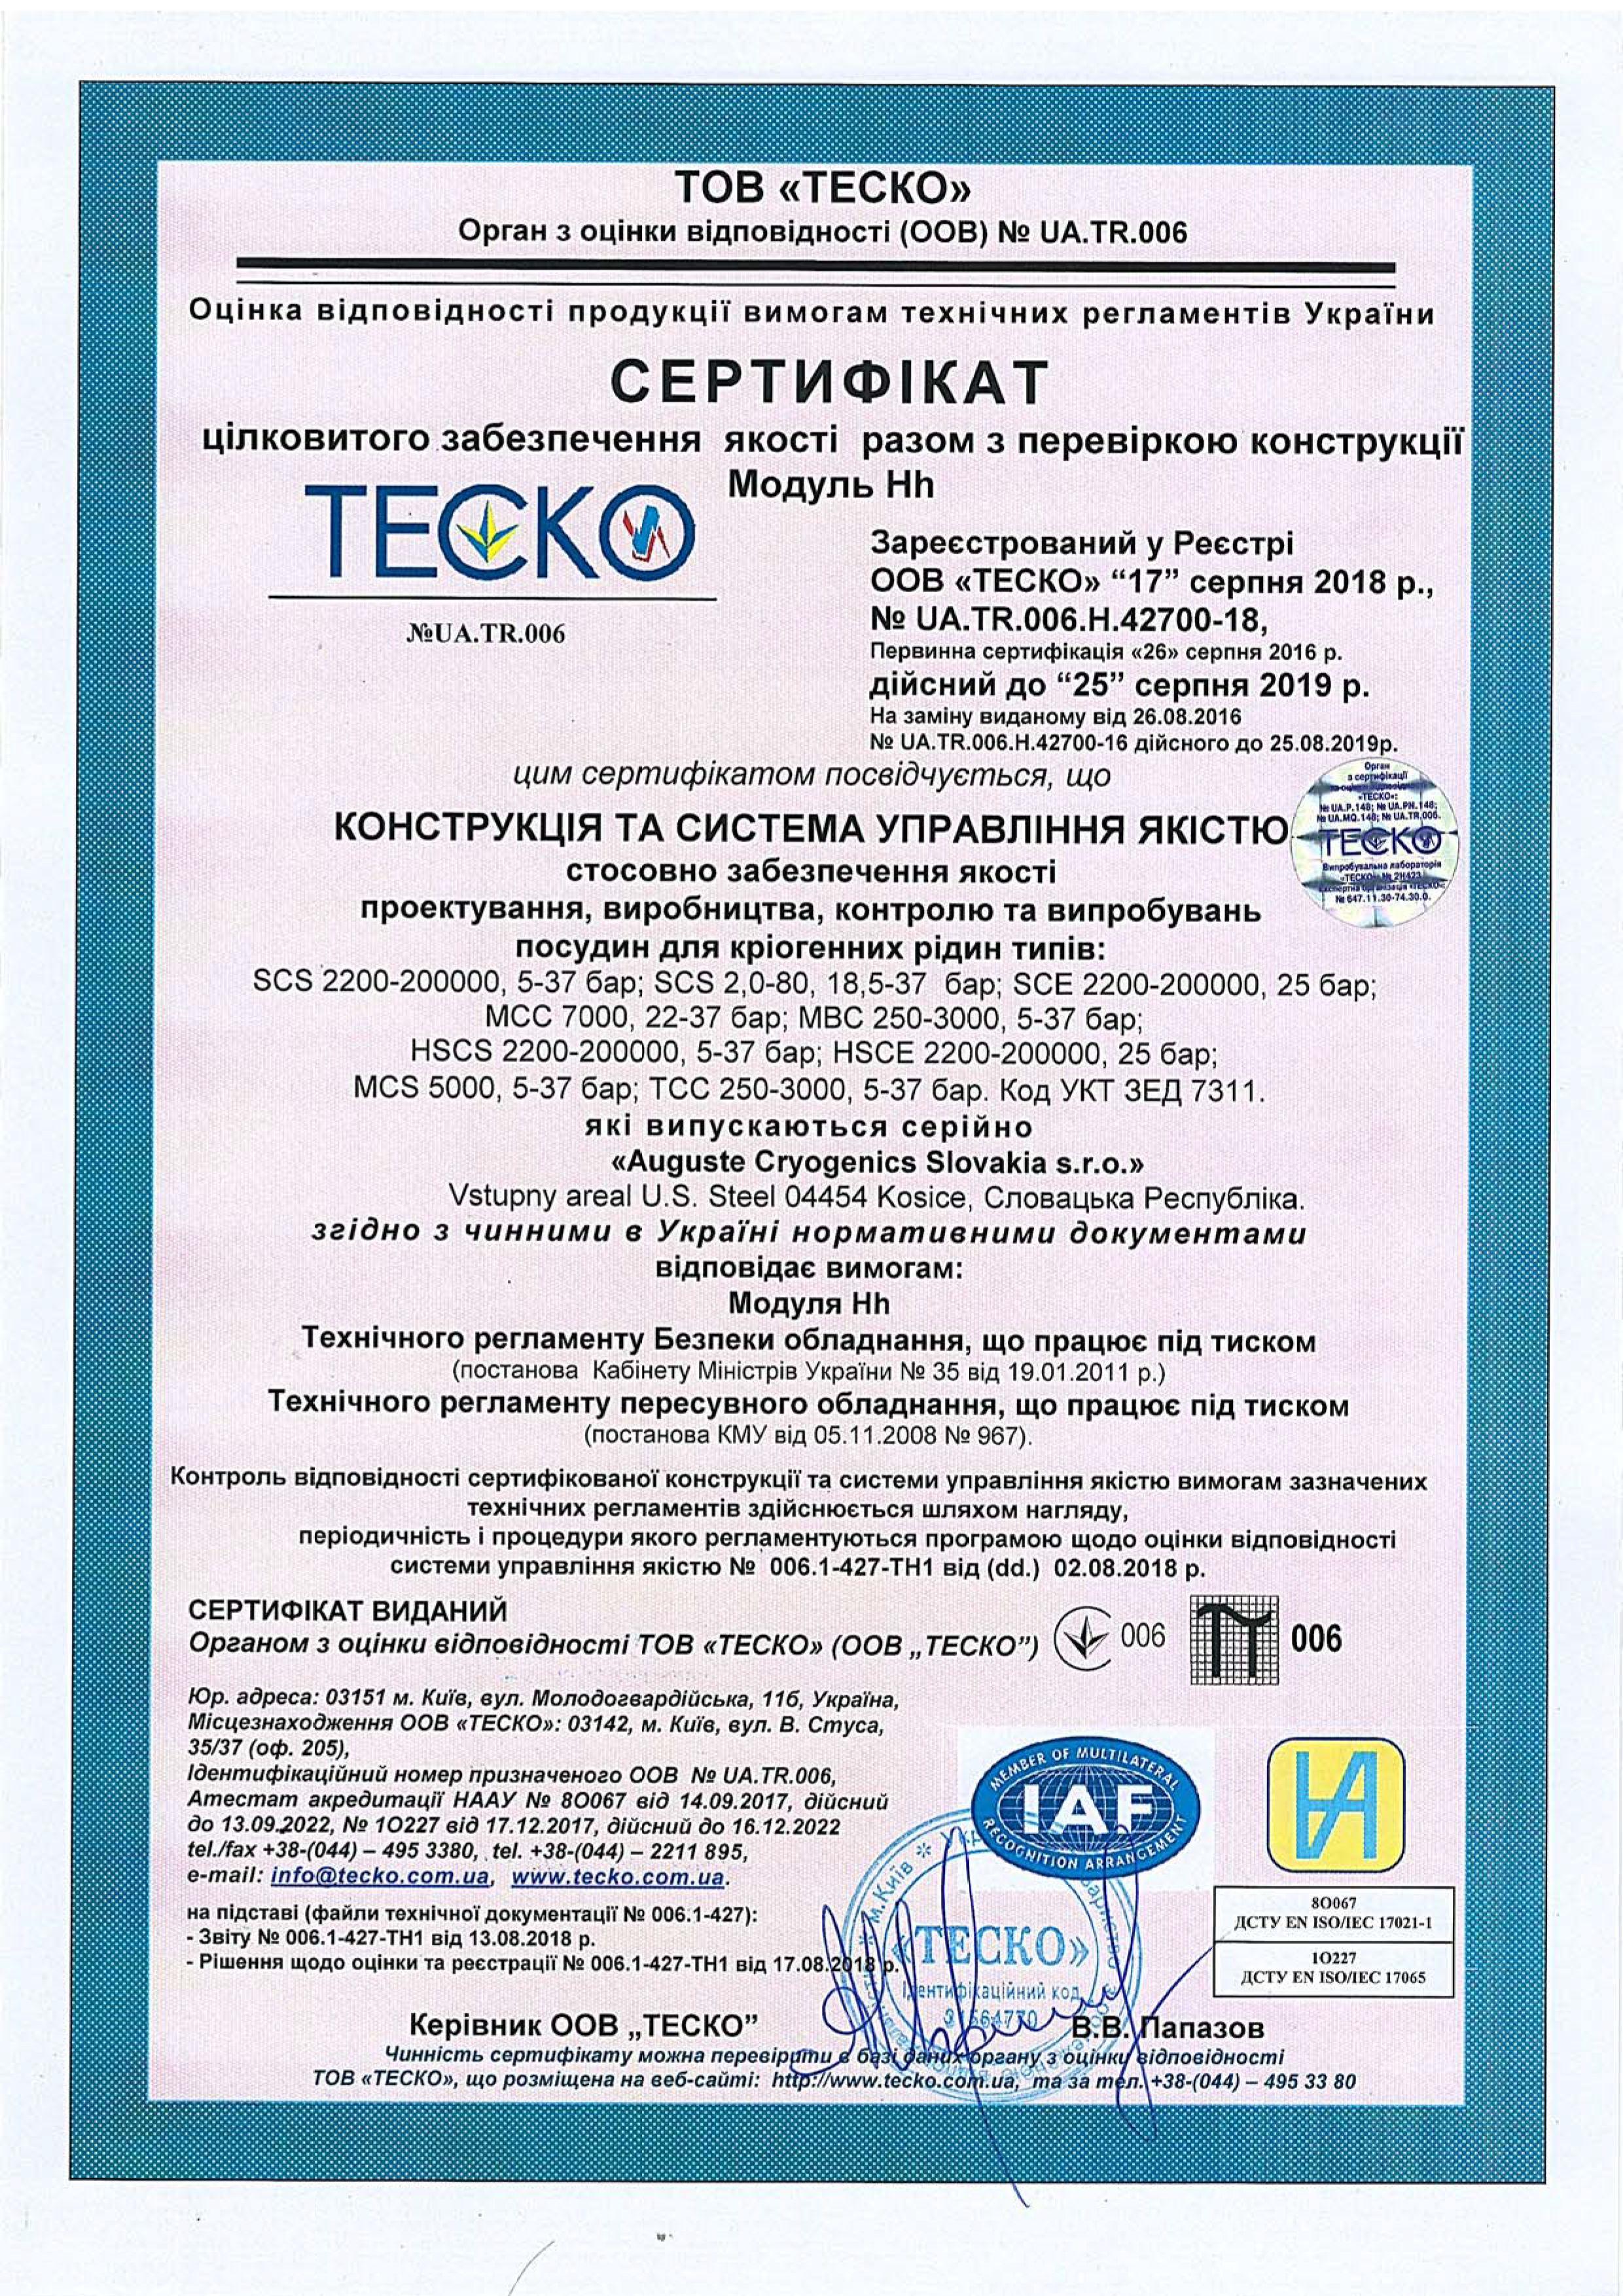 ACS UA cert 006.1-427-ТН1-c